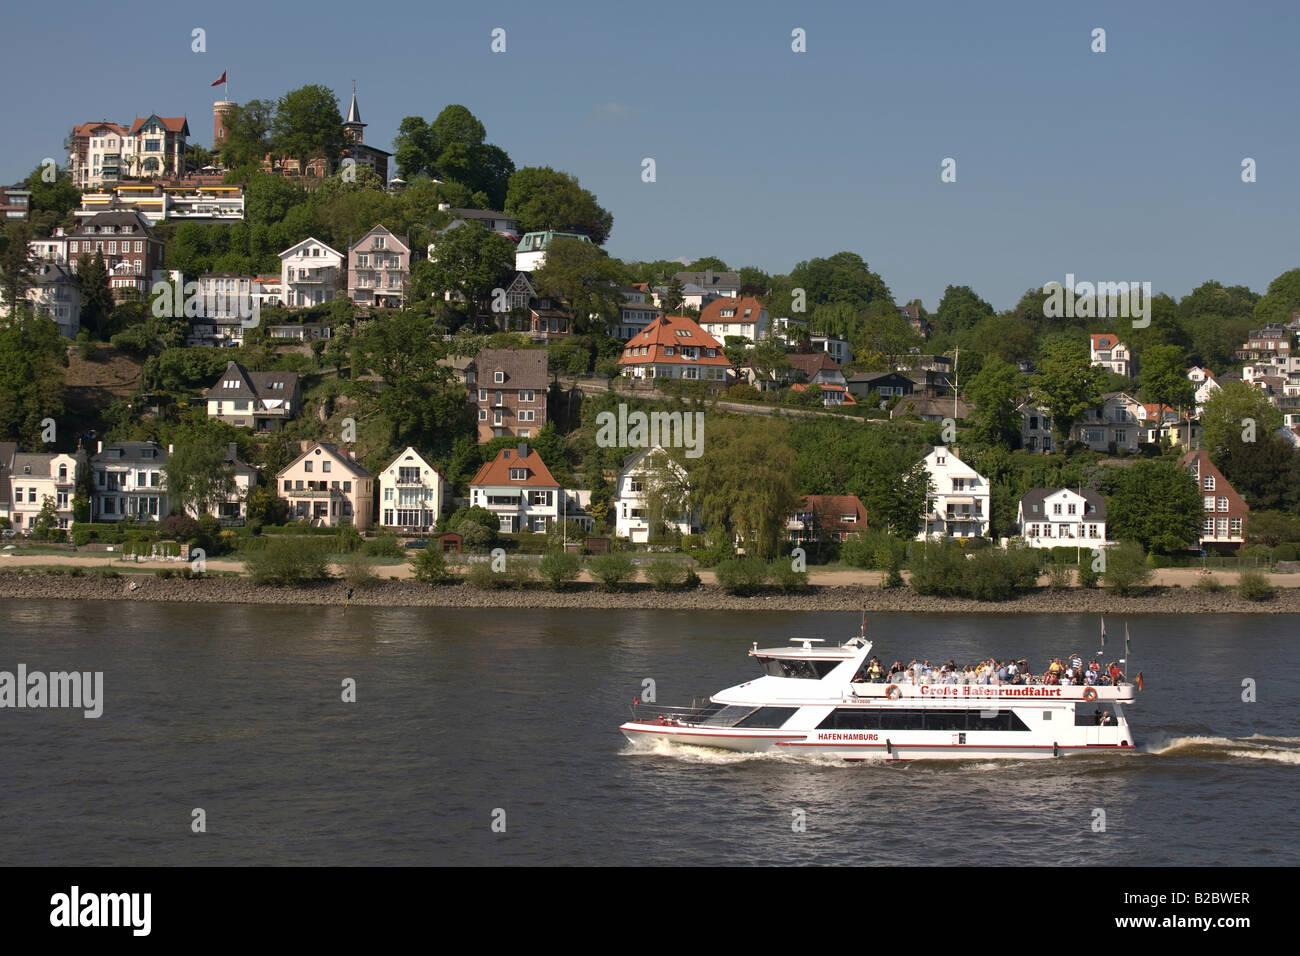 Blankenese Viertel, anspruchsvolle Elbe Vorort, Villa Vorort, untere Elbe, Elbe, Hansestadt Hamburg, Norddeutschland, Stockbild